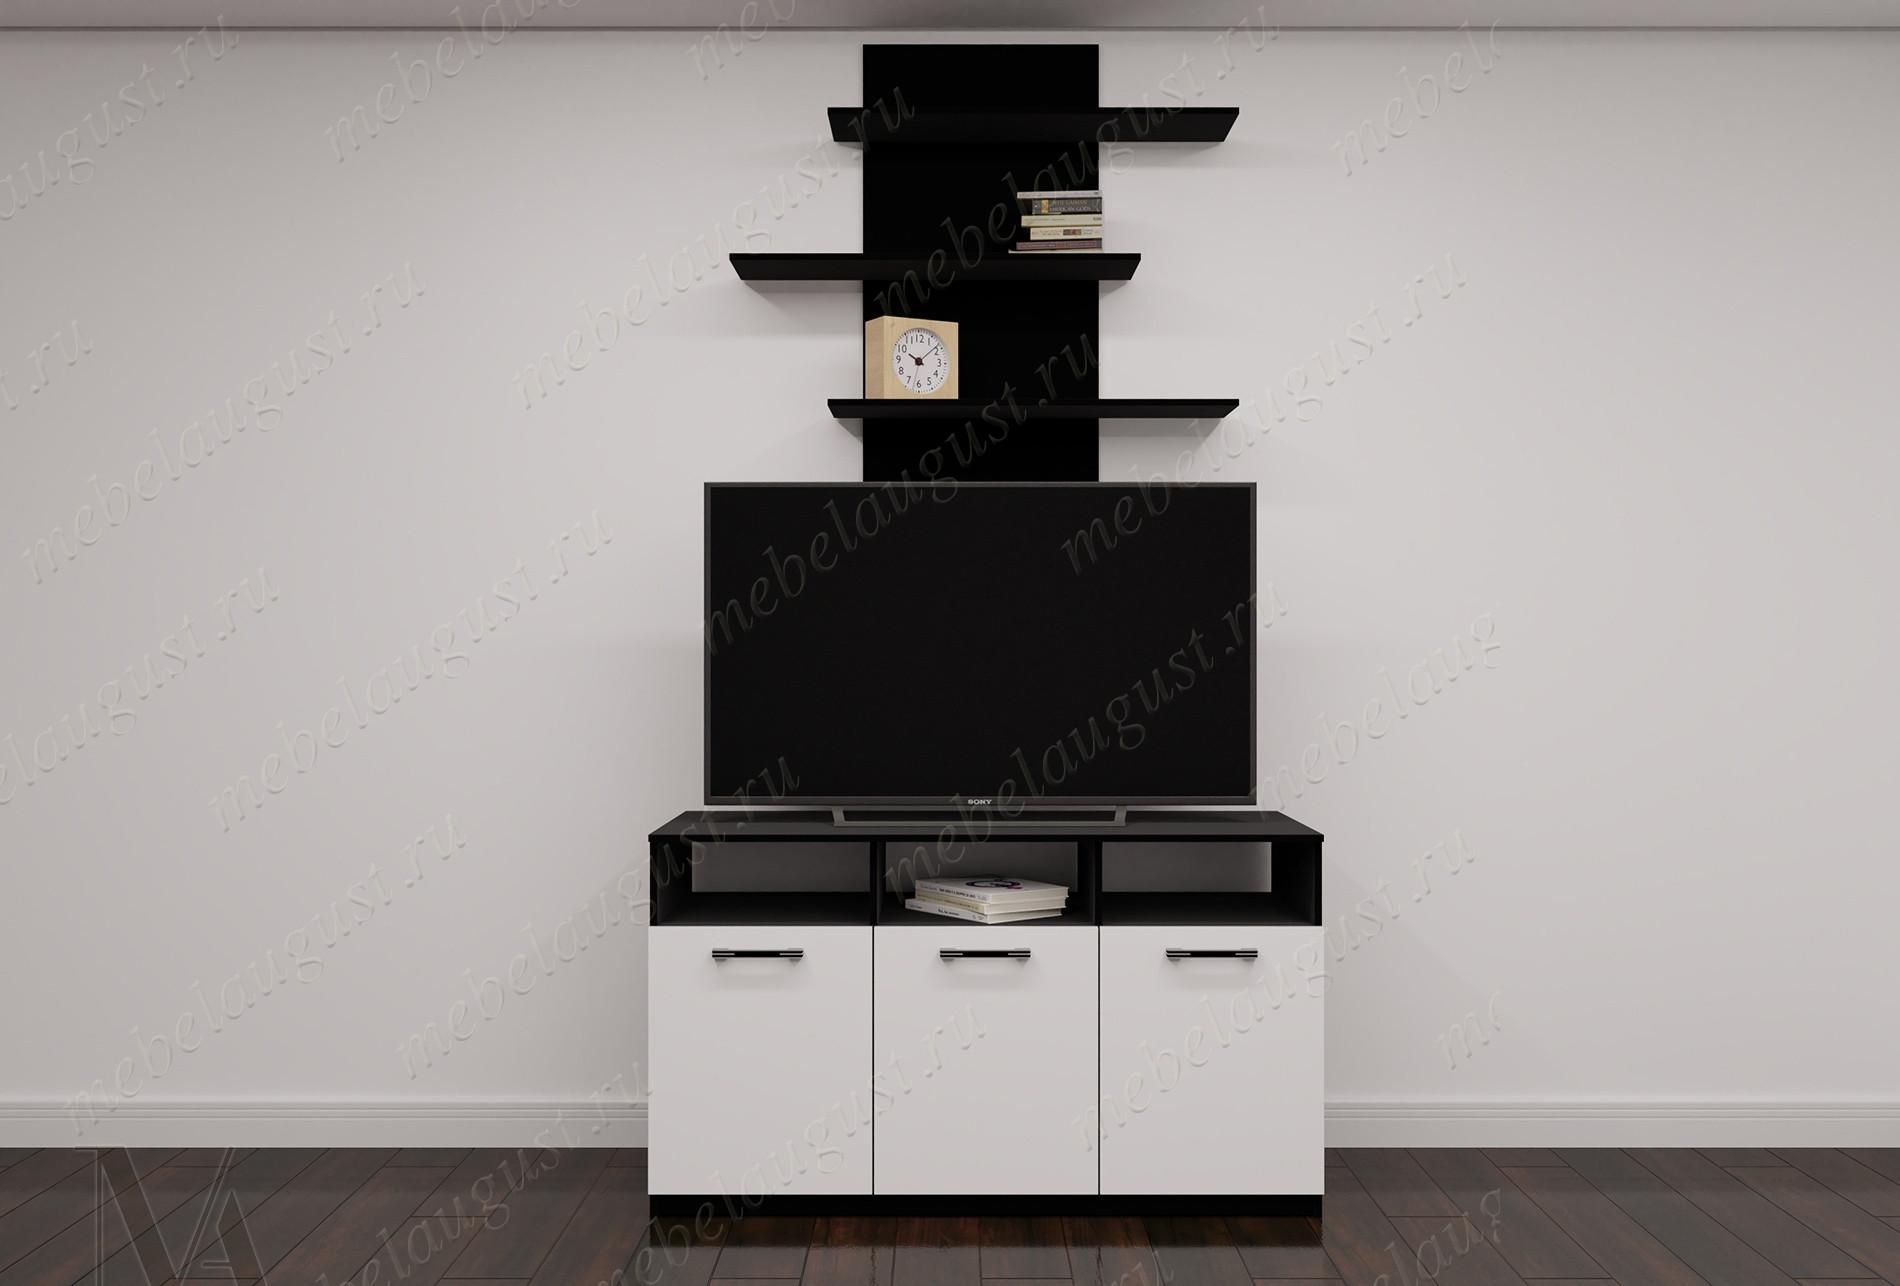 Мини мебельная стенка для спальни с полкой под телевизор цвета черно-белый глянец